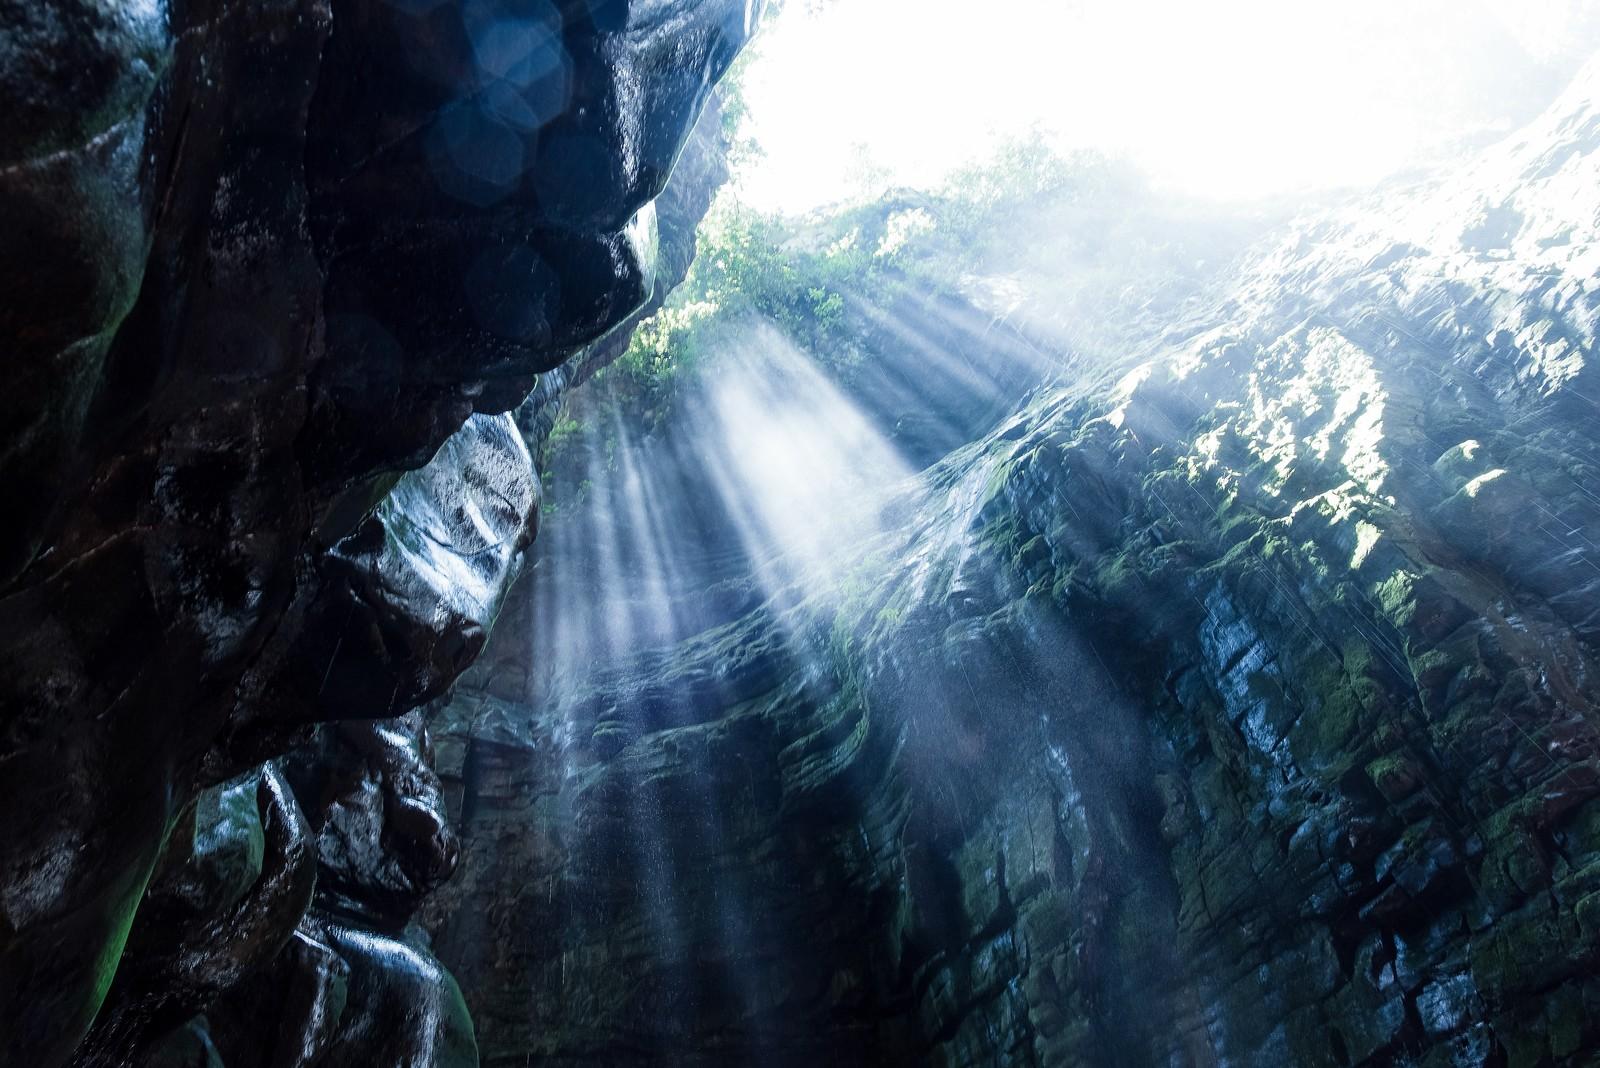 日本三大鍾乳洞に迫る!自然が作り出した造形美は神秘的で観光におすすめ!